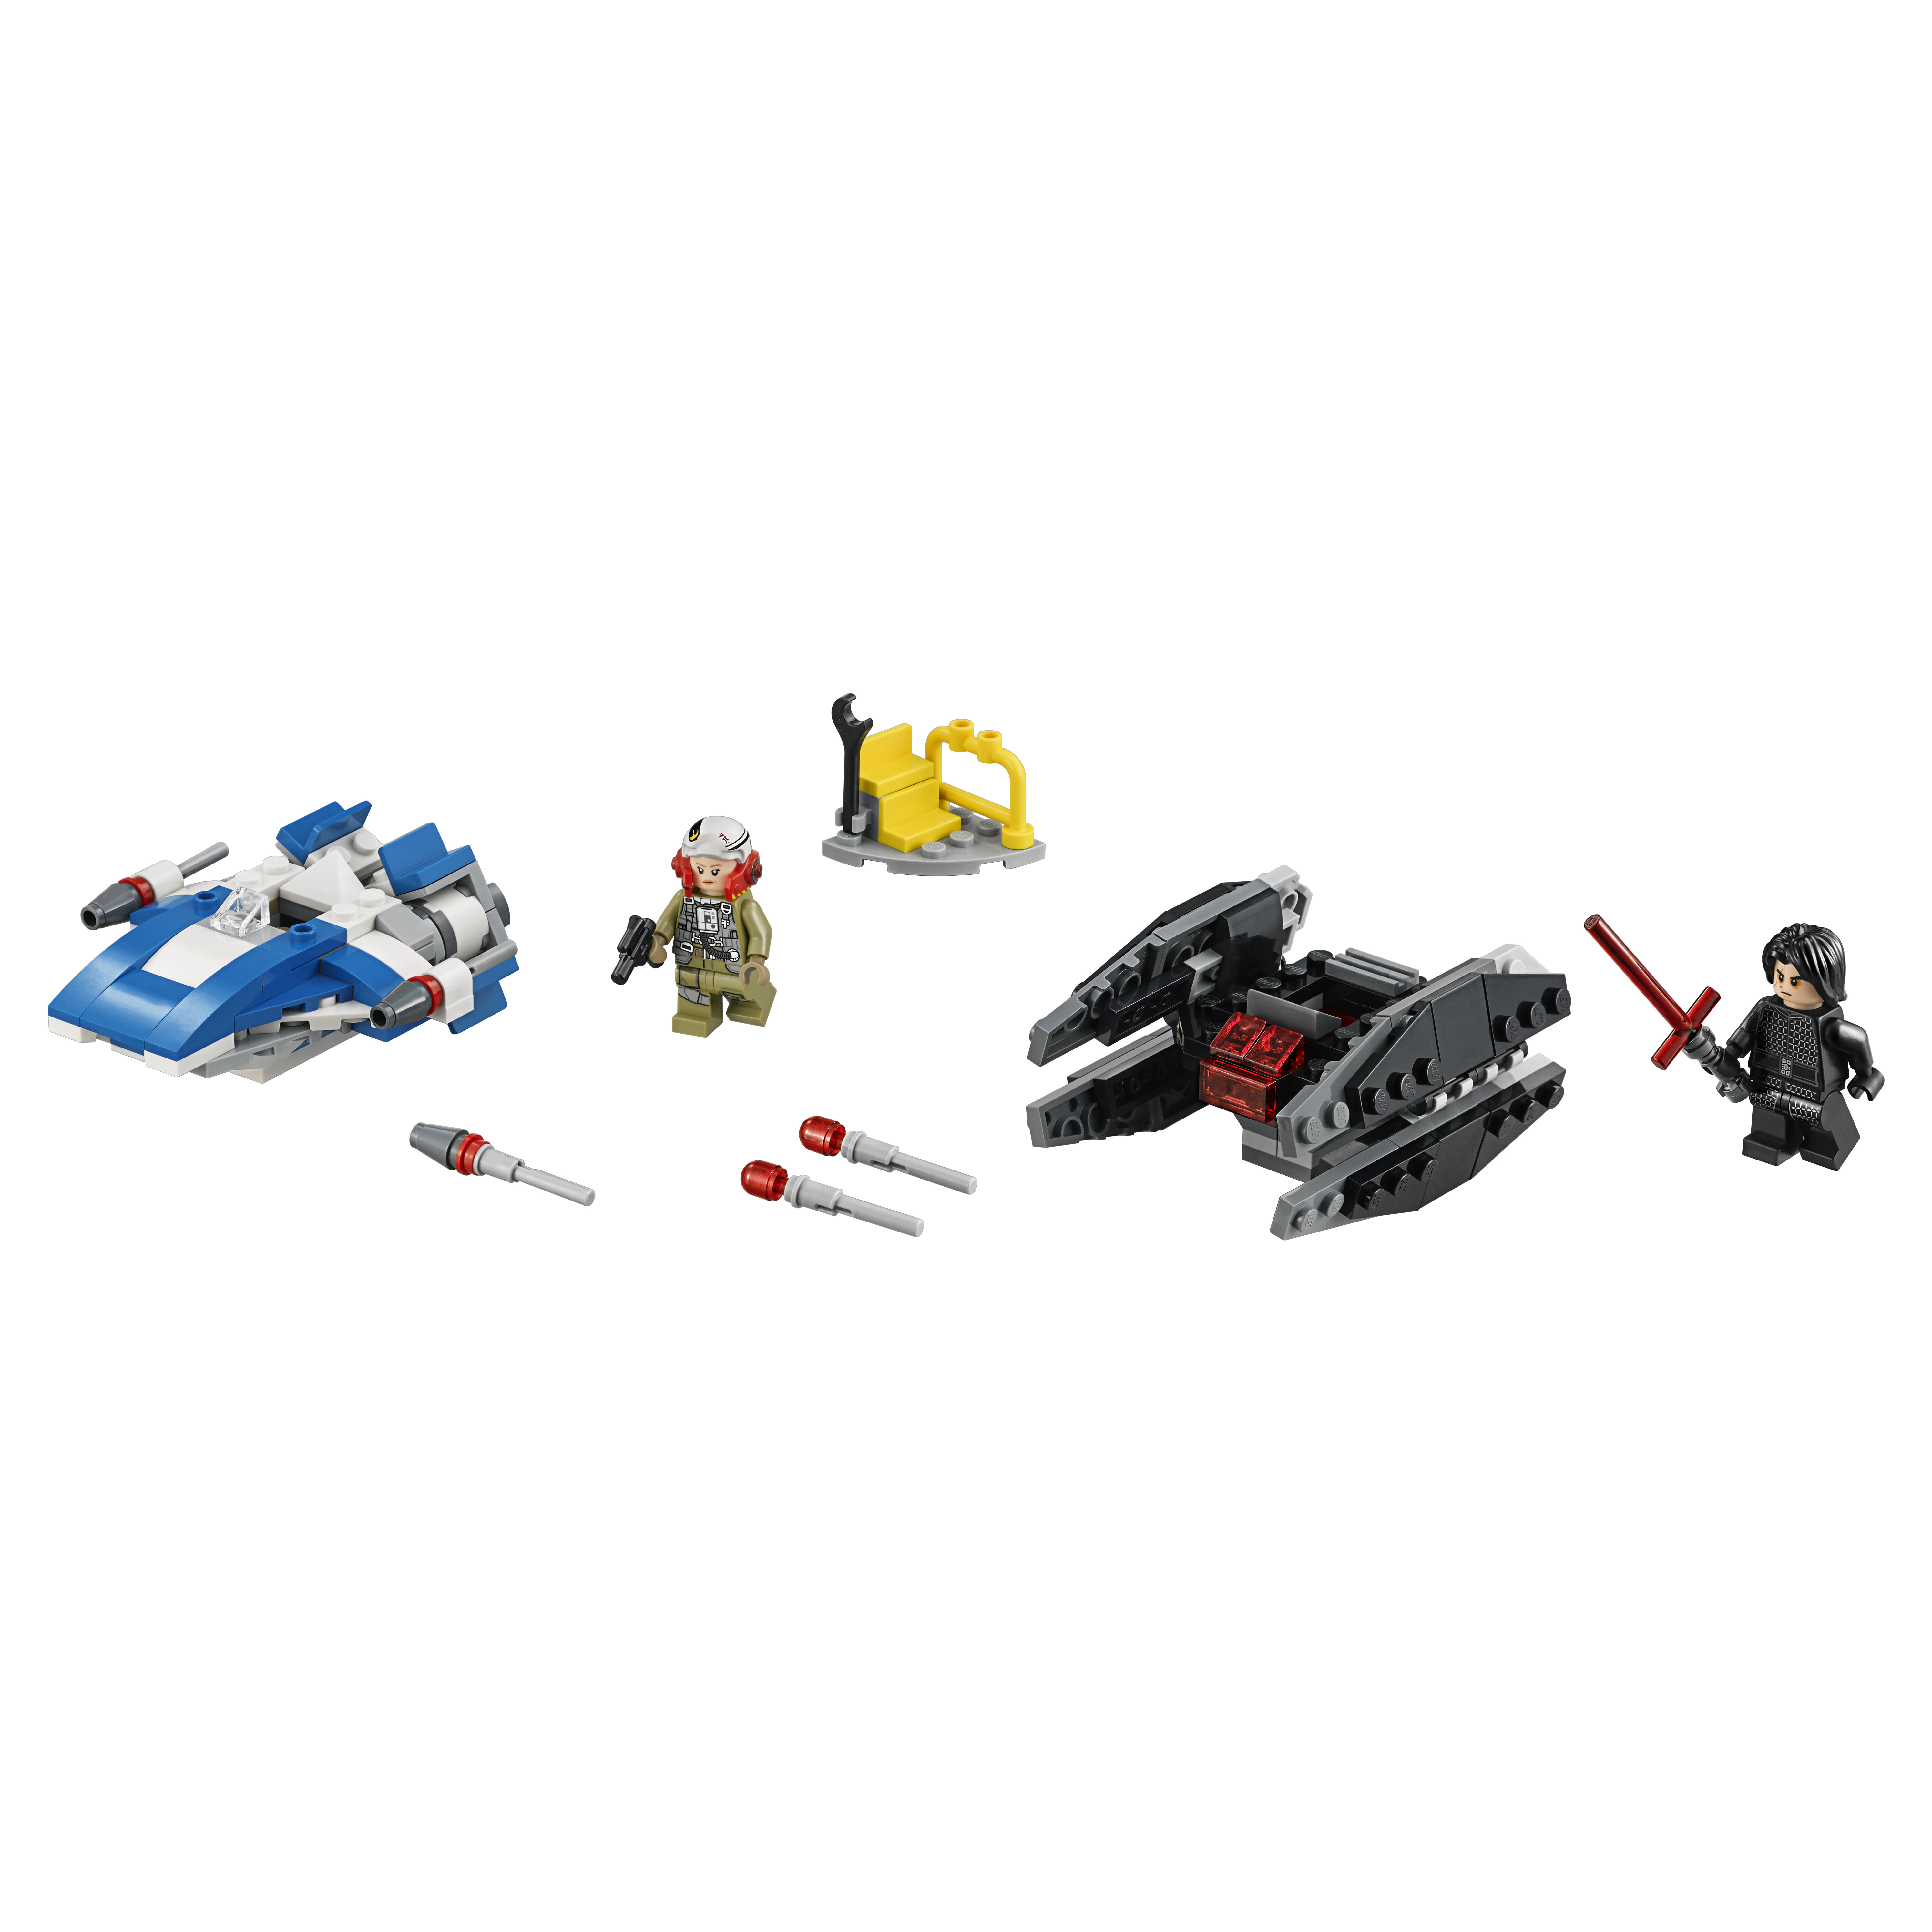 Конструктор LEGO Star Wars Истребитель типа A против бесшумного истребителя СИД (75196)